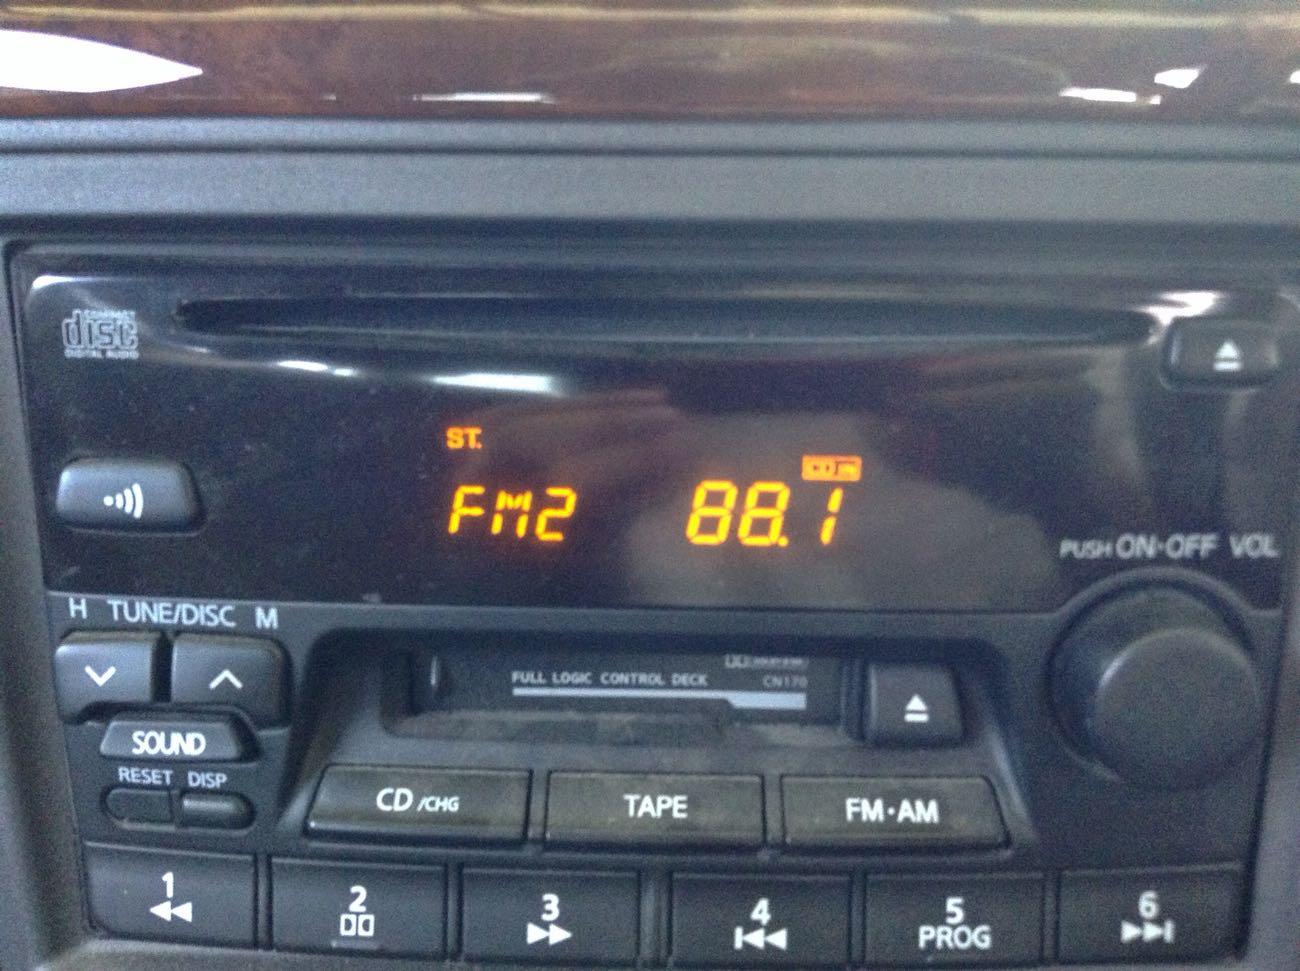 車のラジオ局番号も合わせてやる